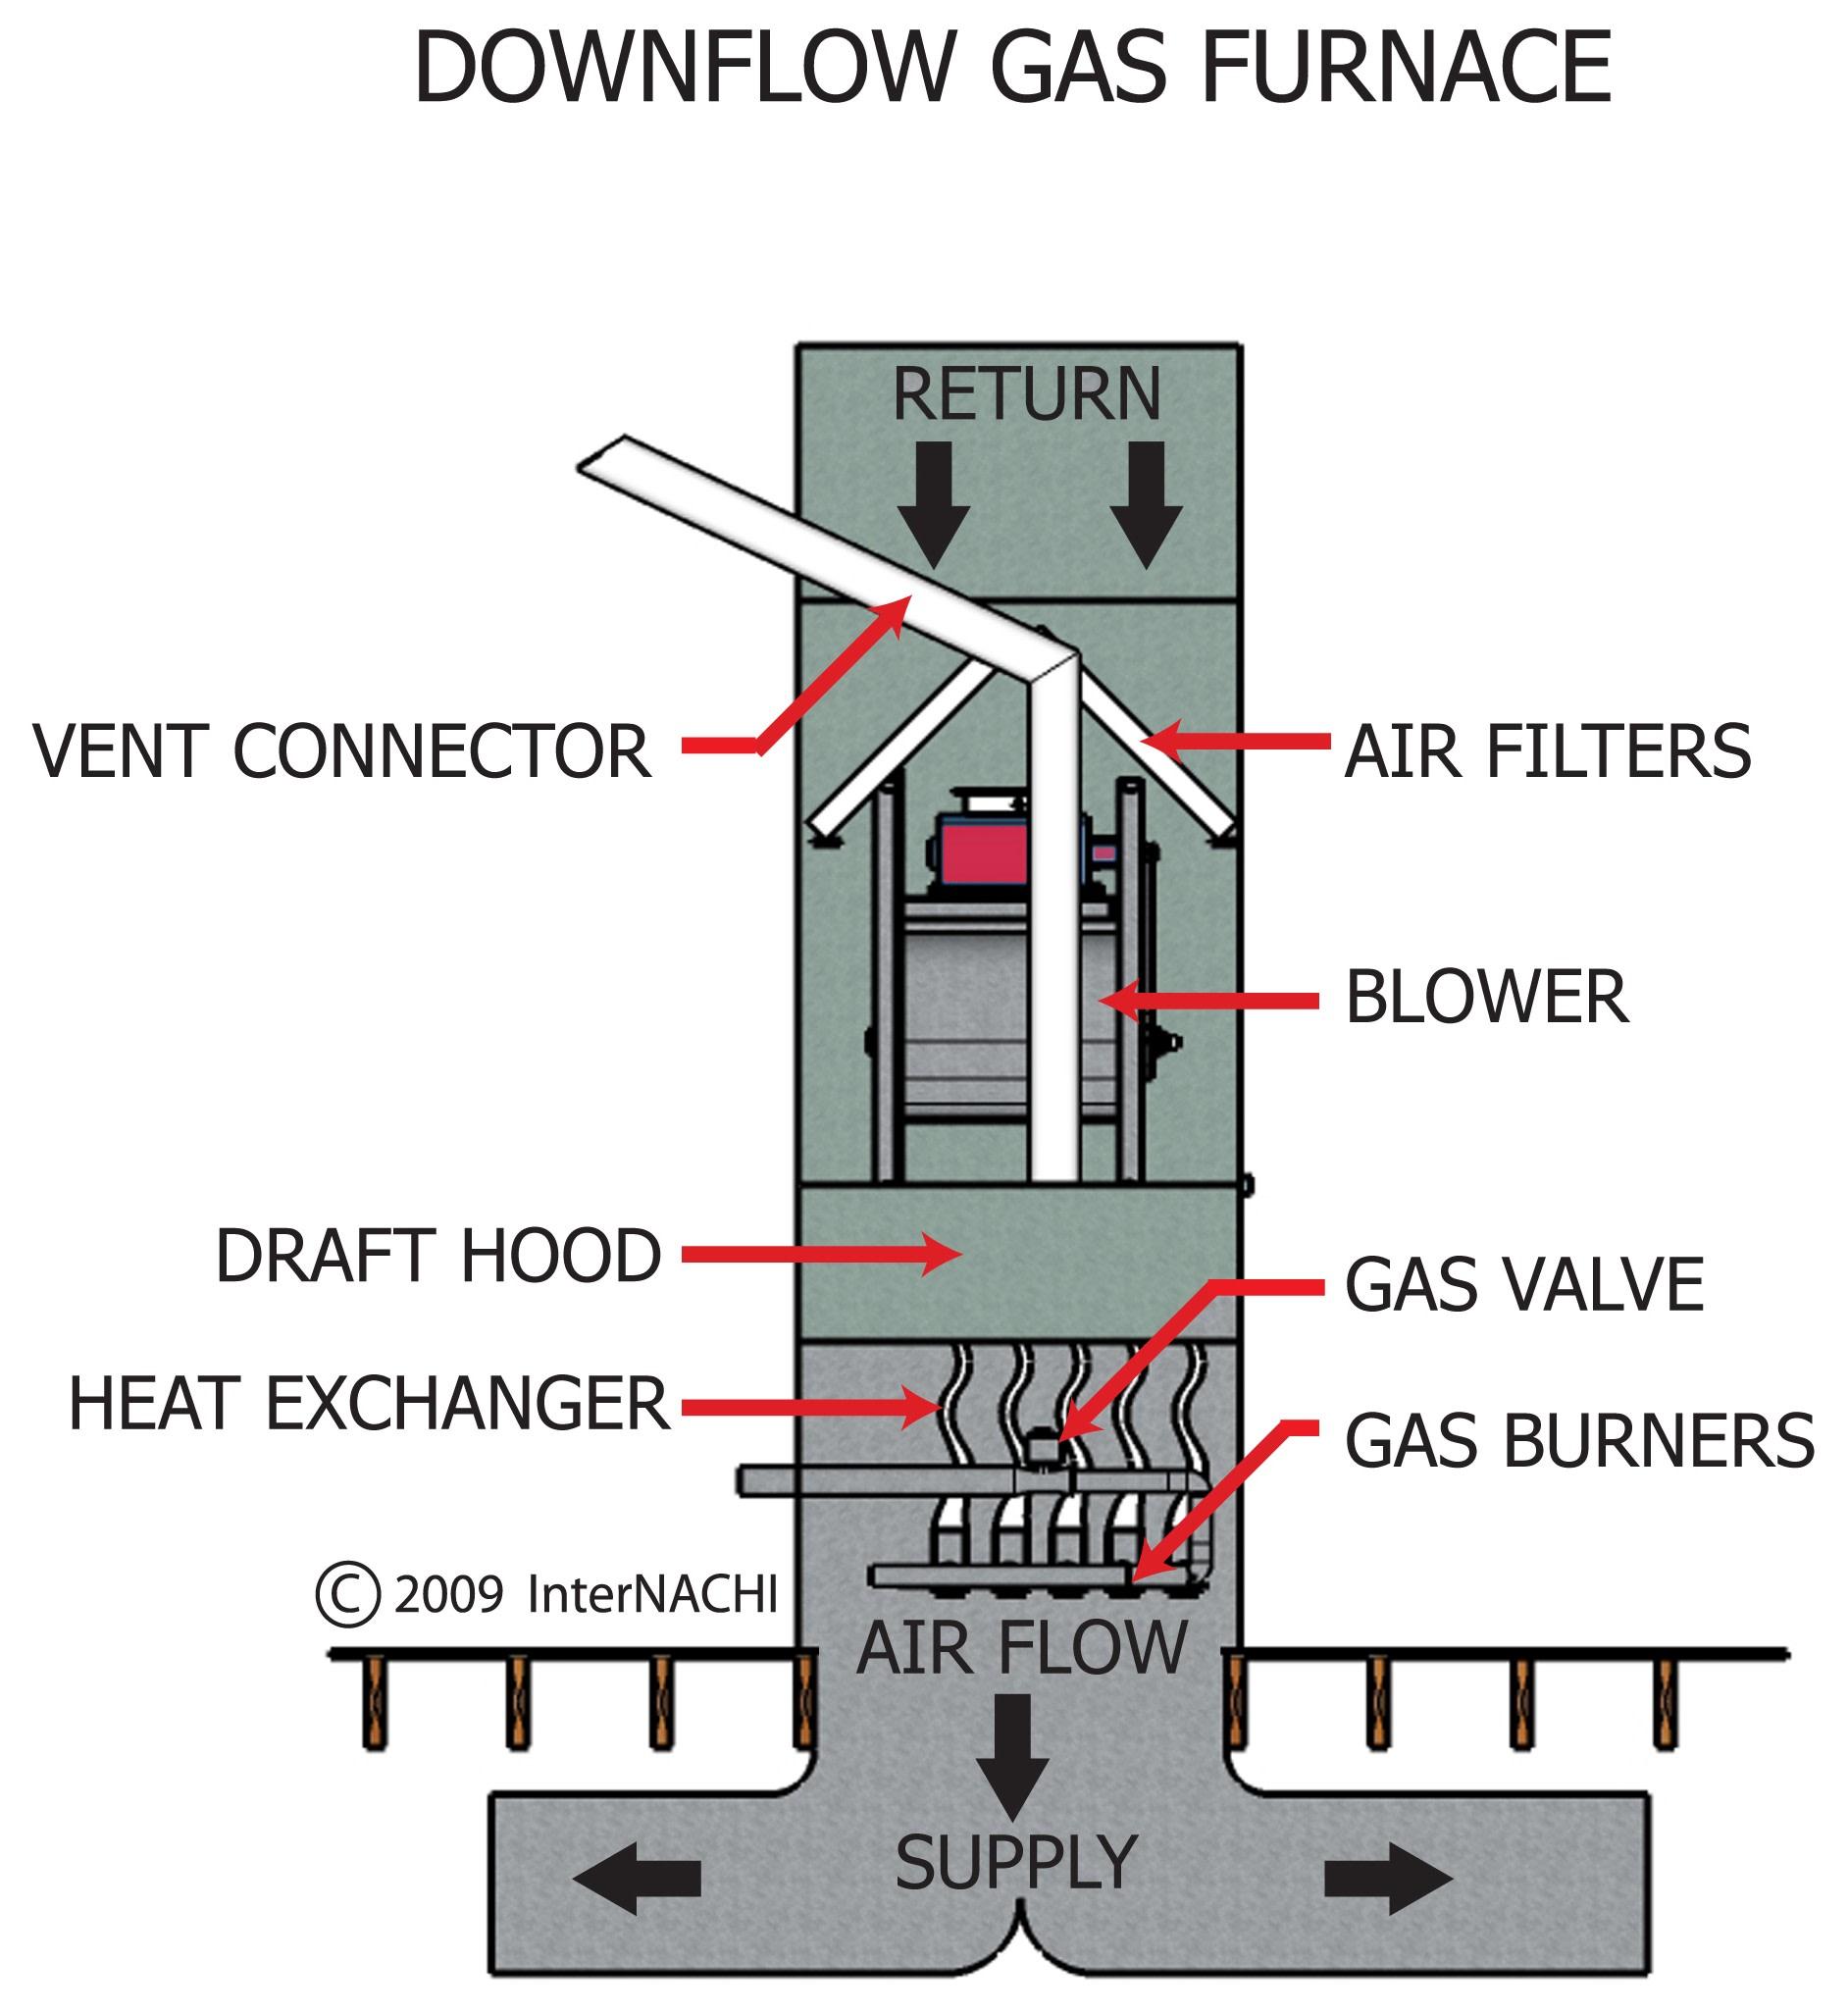 Downflow gas furnace.